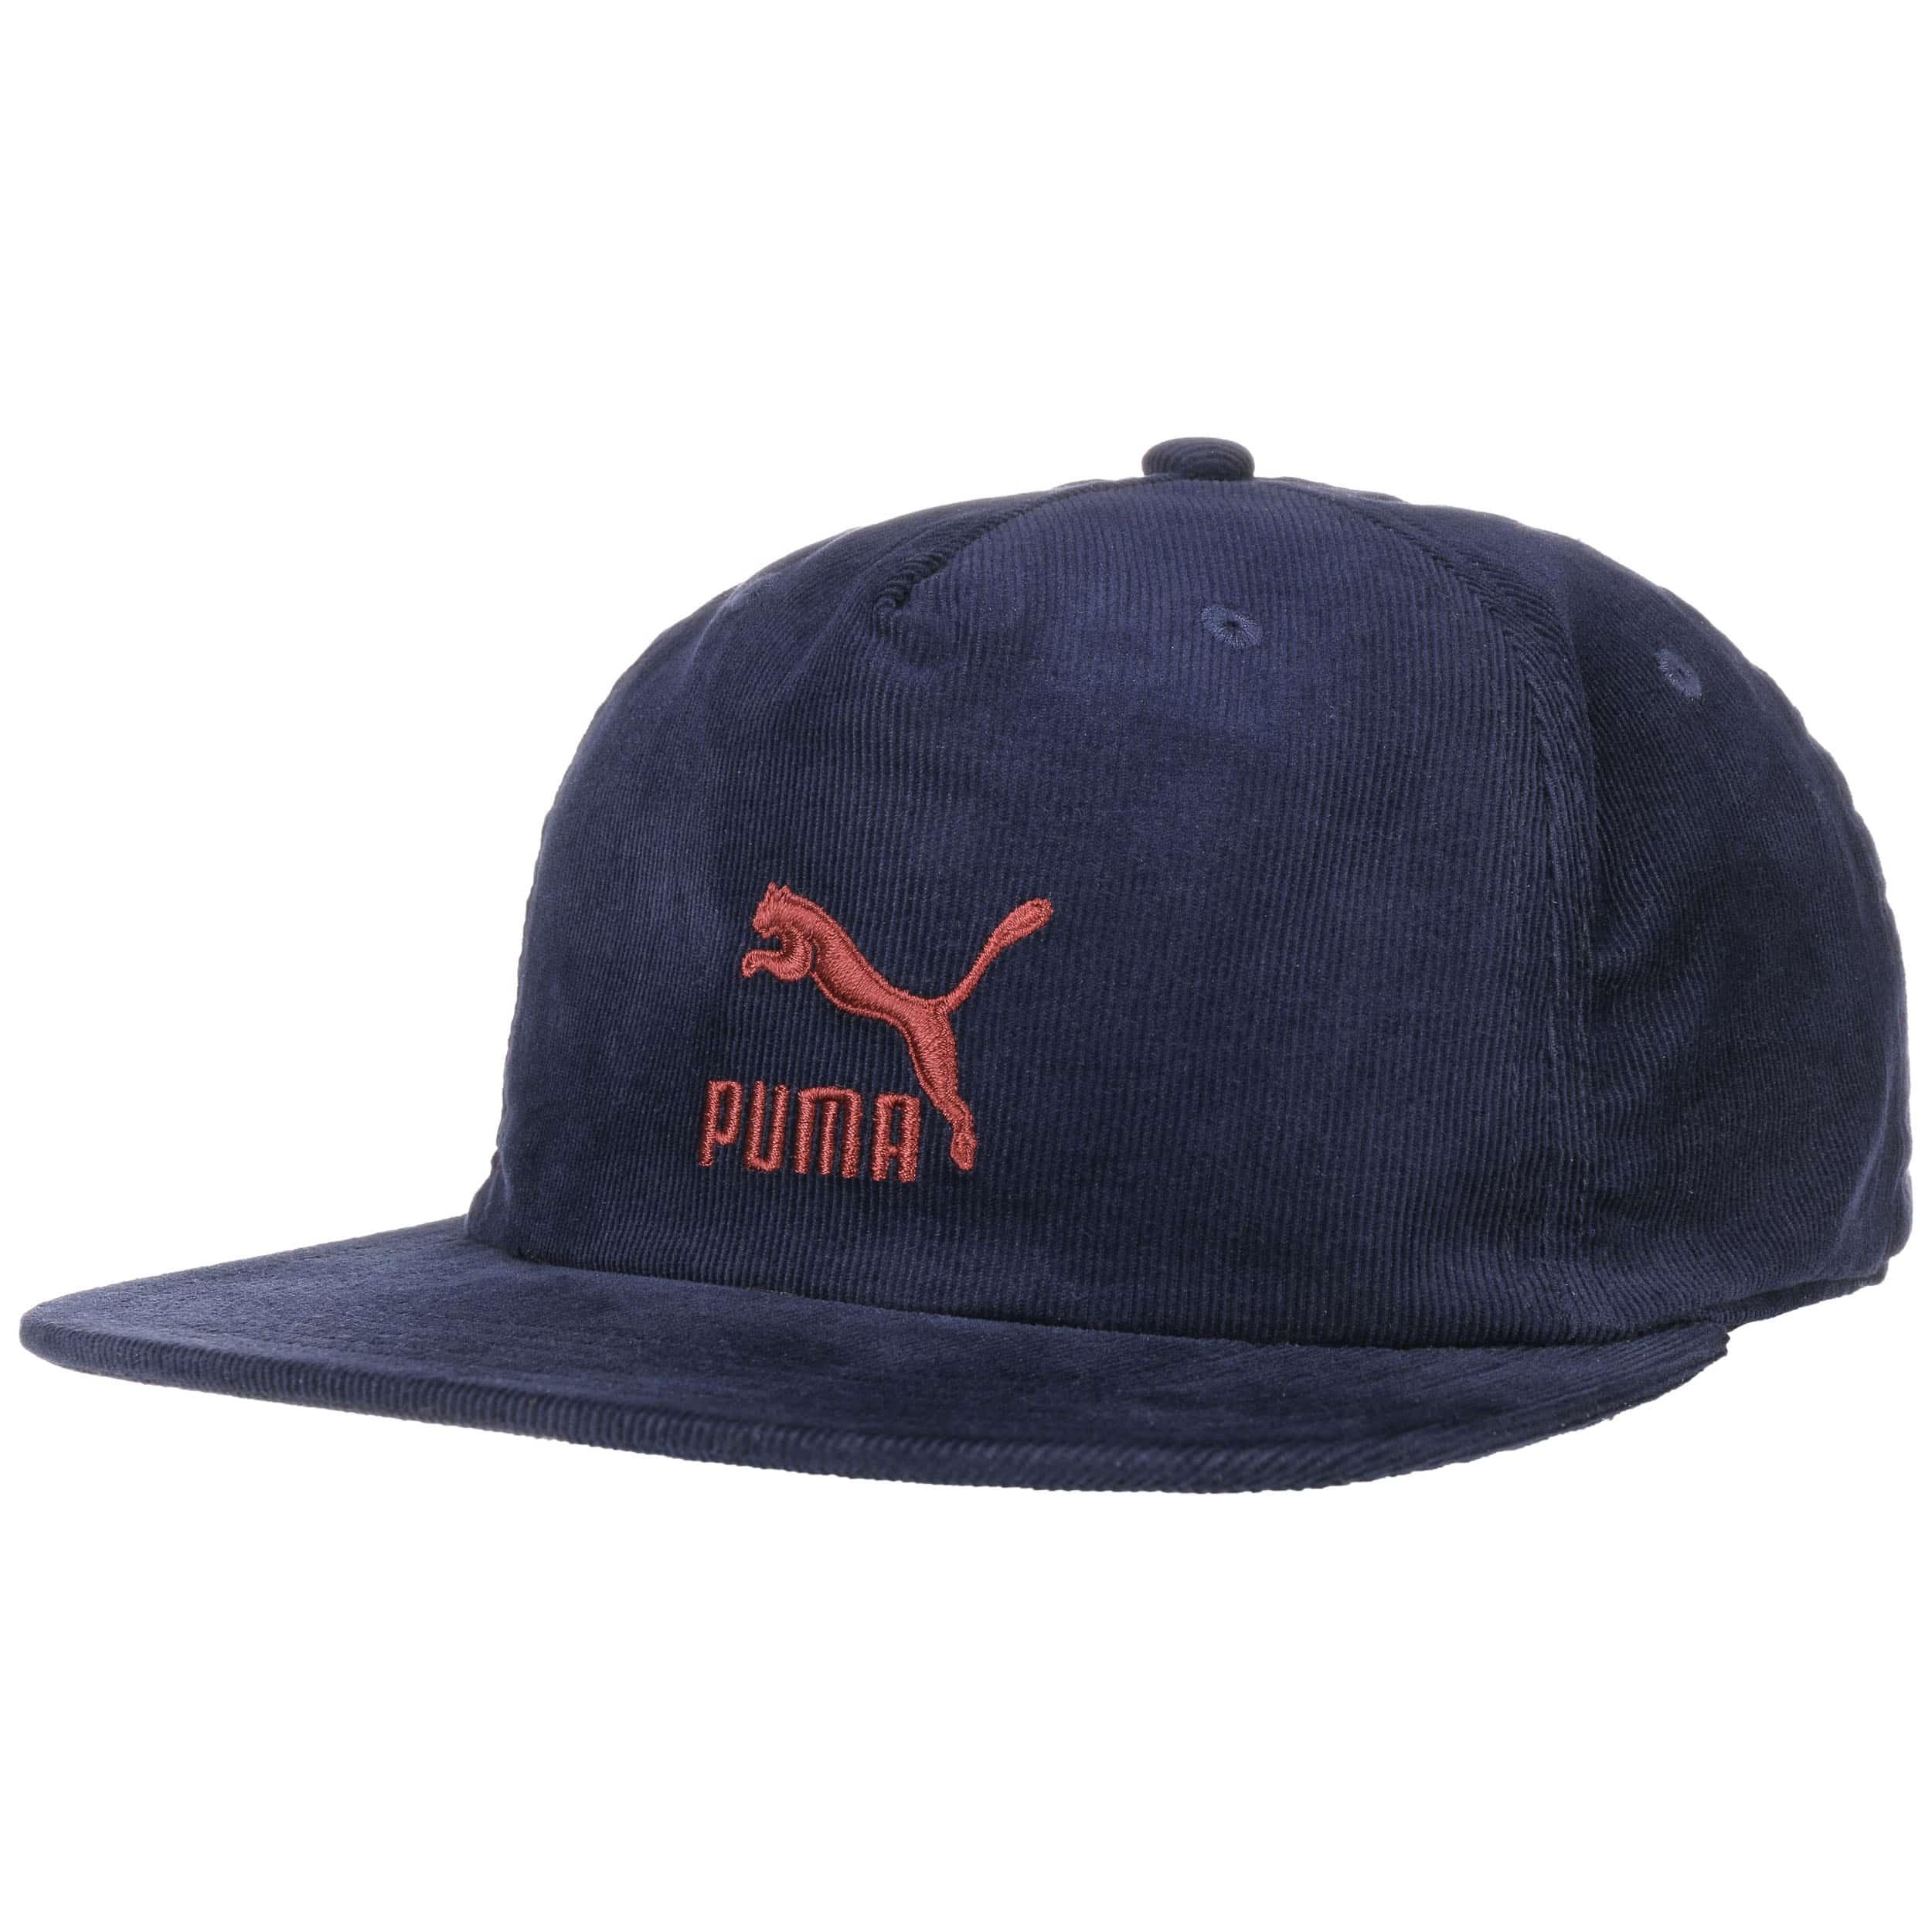 Gorra Archive Downtown FB by PUMA - Gorras - sombreroshop.es 0d3d742c533